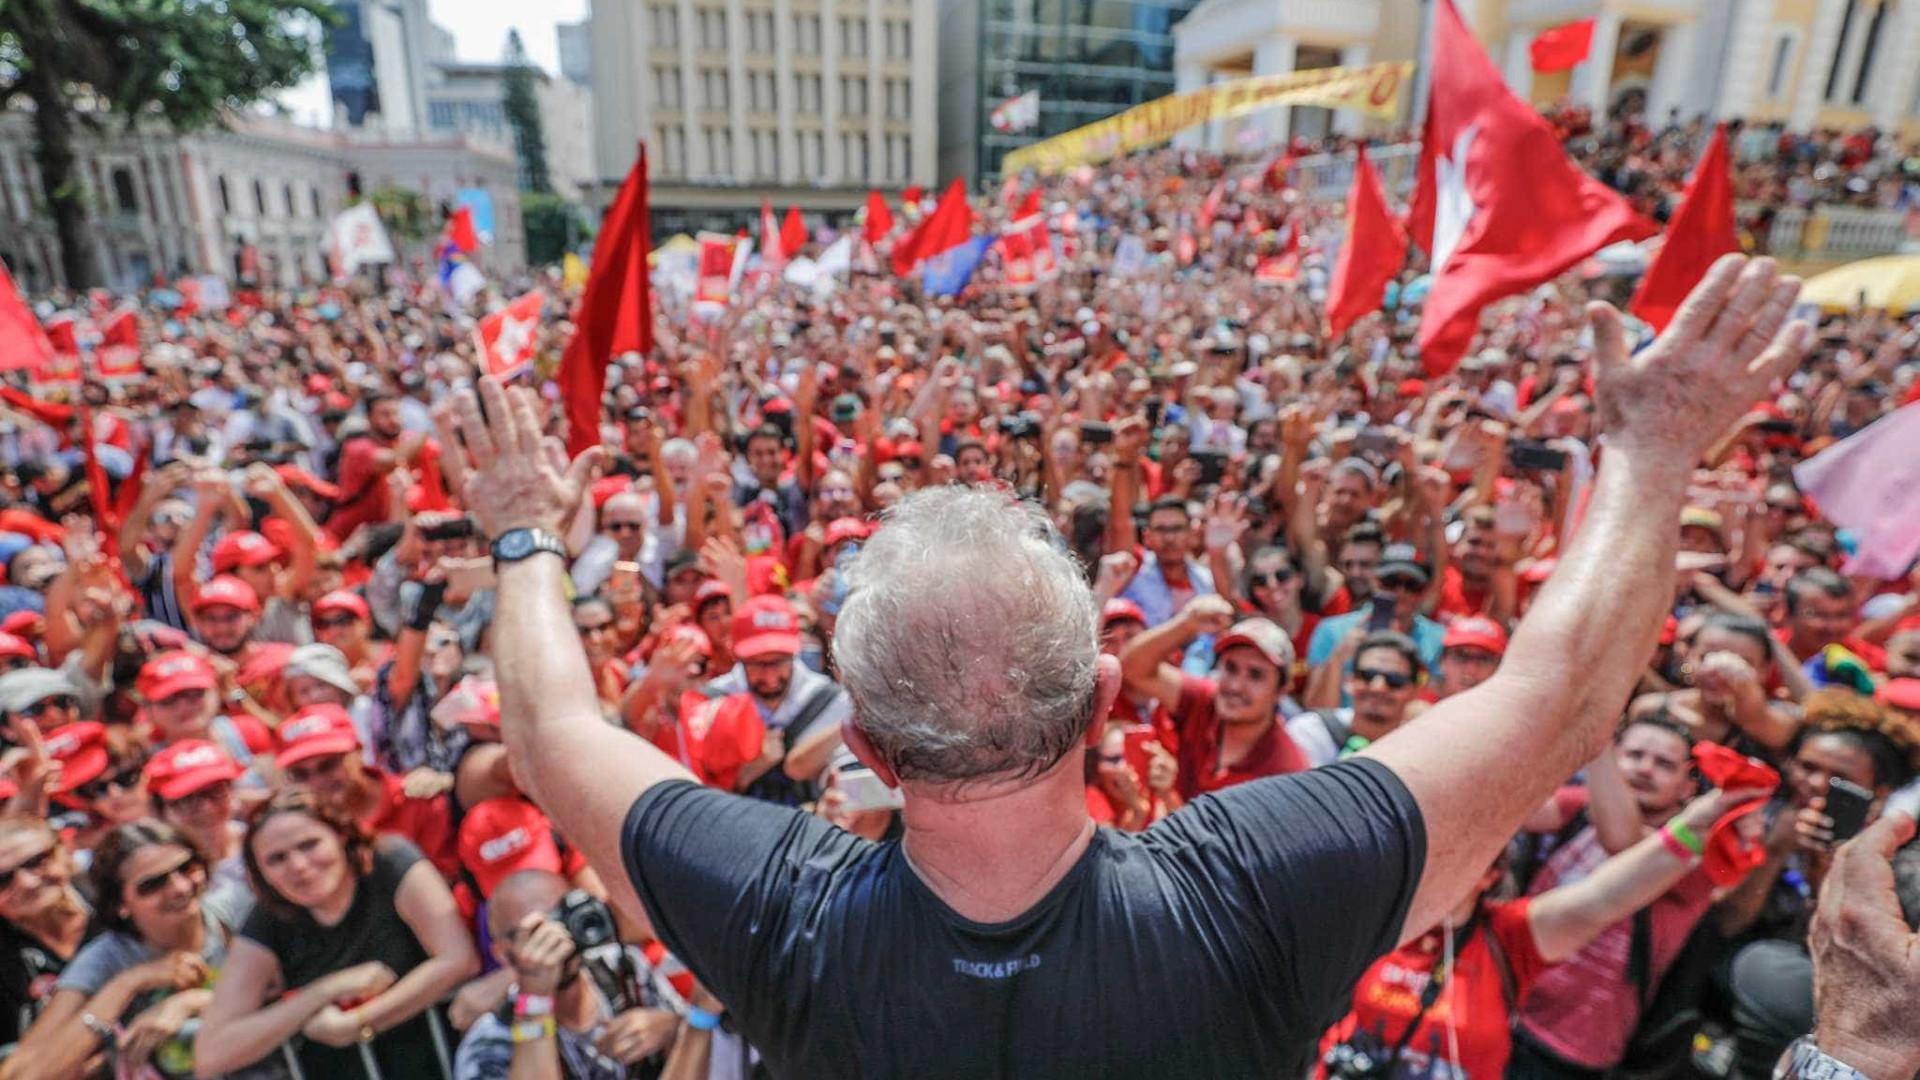 Em nova tentativa, defesa entra com liminar no STF contra prisão Lula